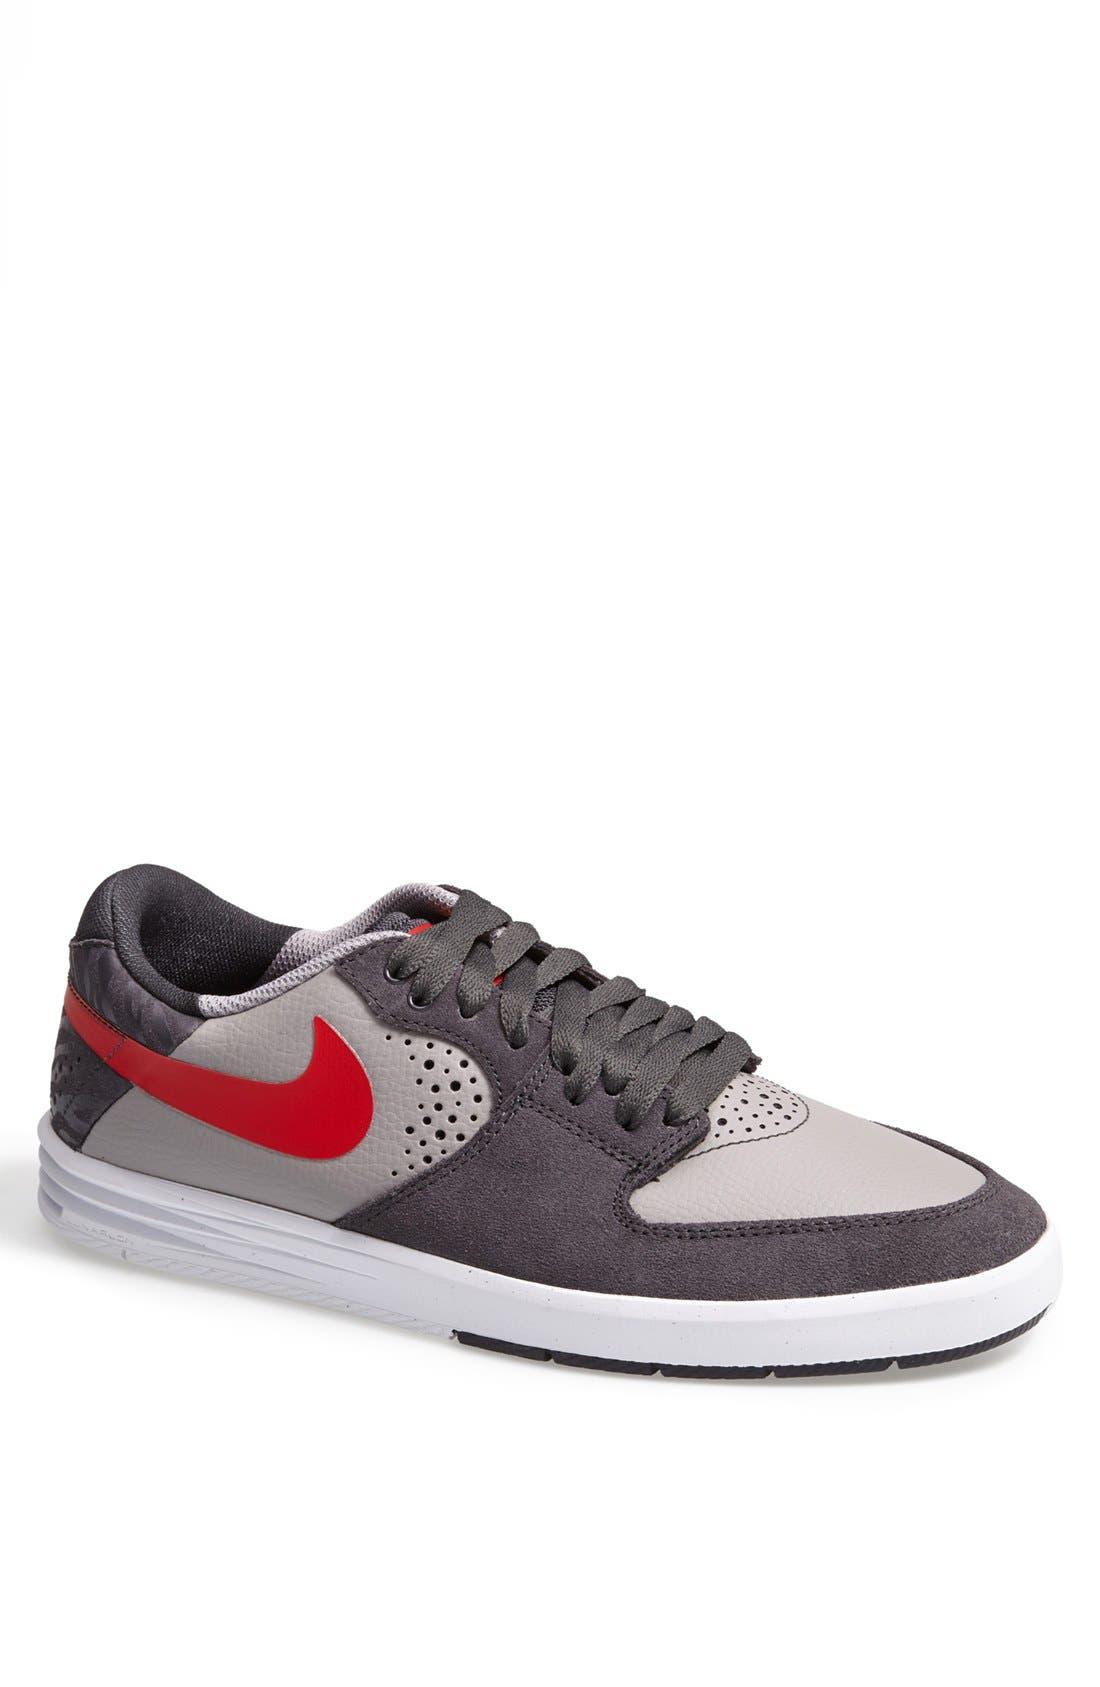 Main Image - Nike 'Paul Rodriguez 7' Skate Shoe (Men)